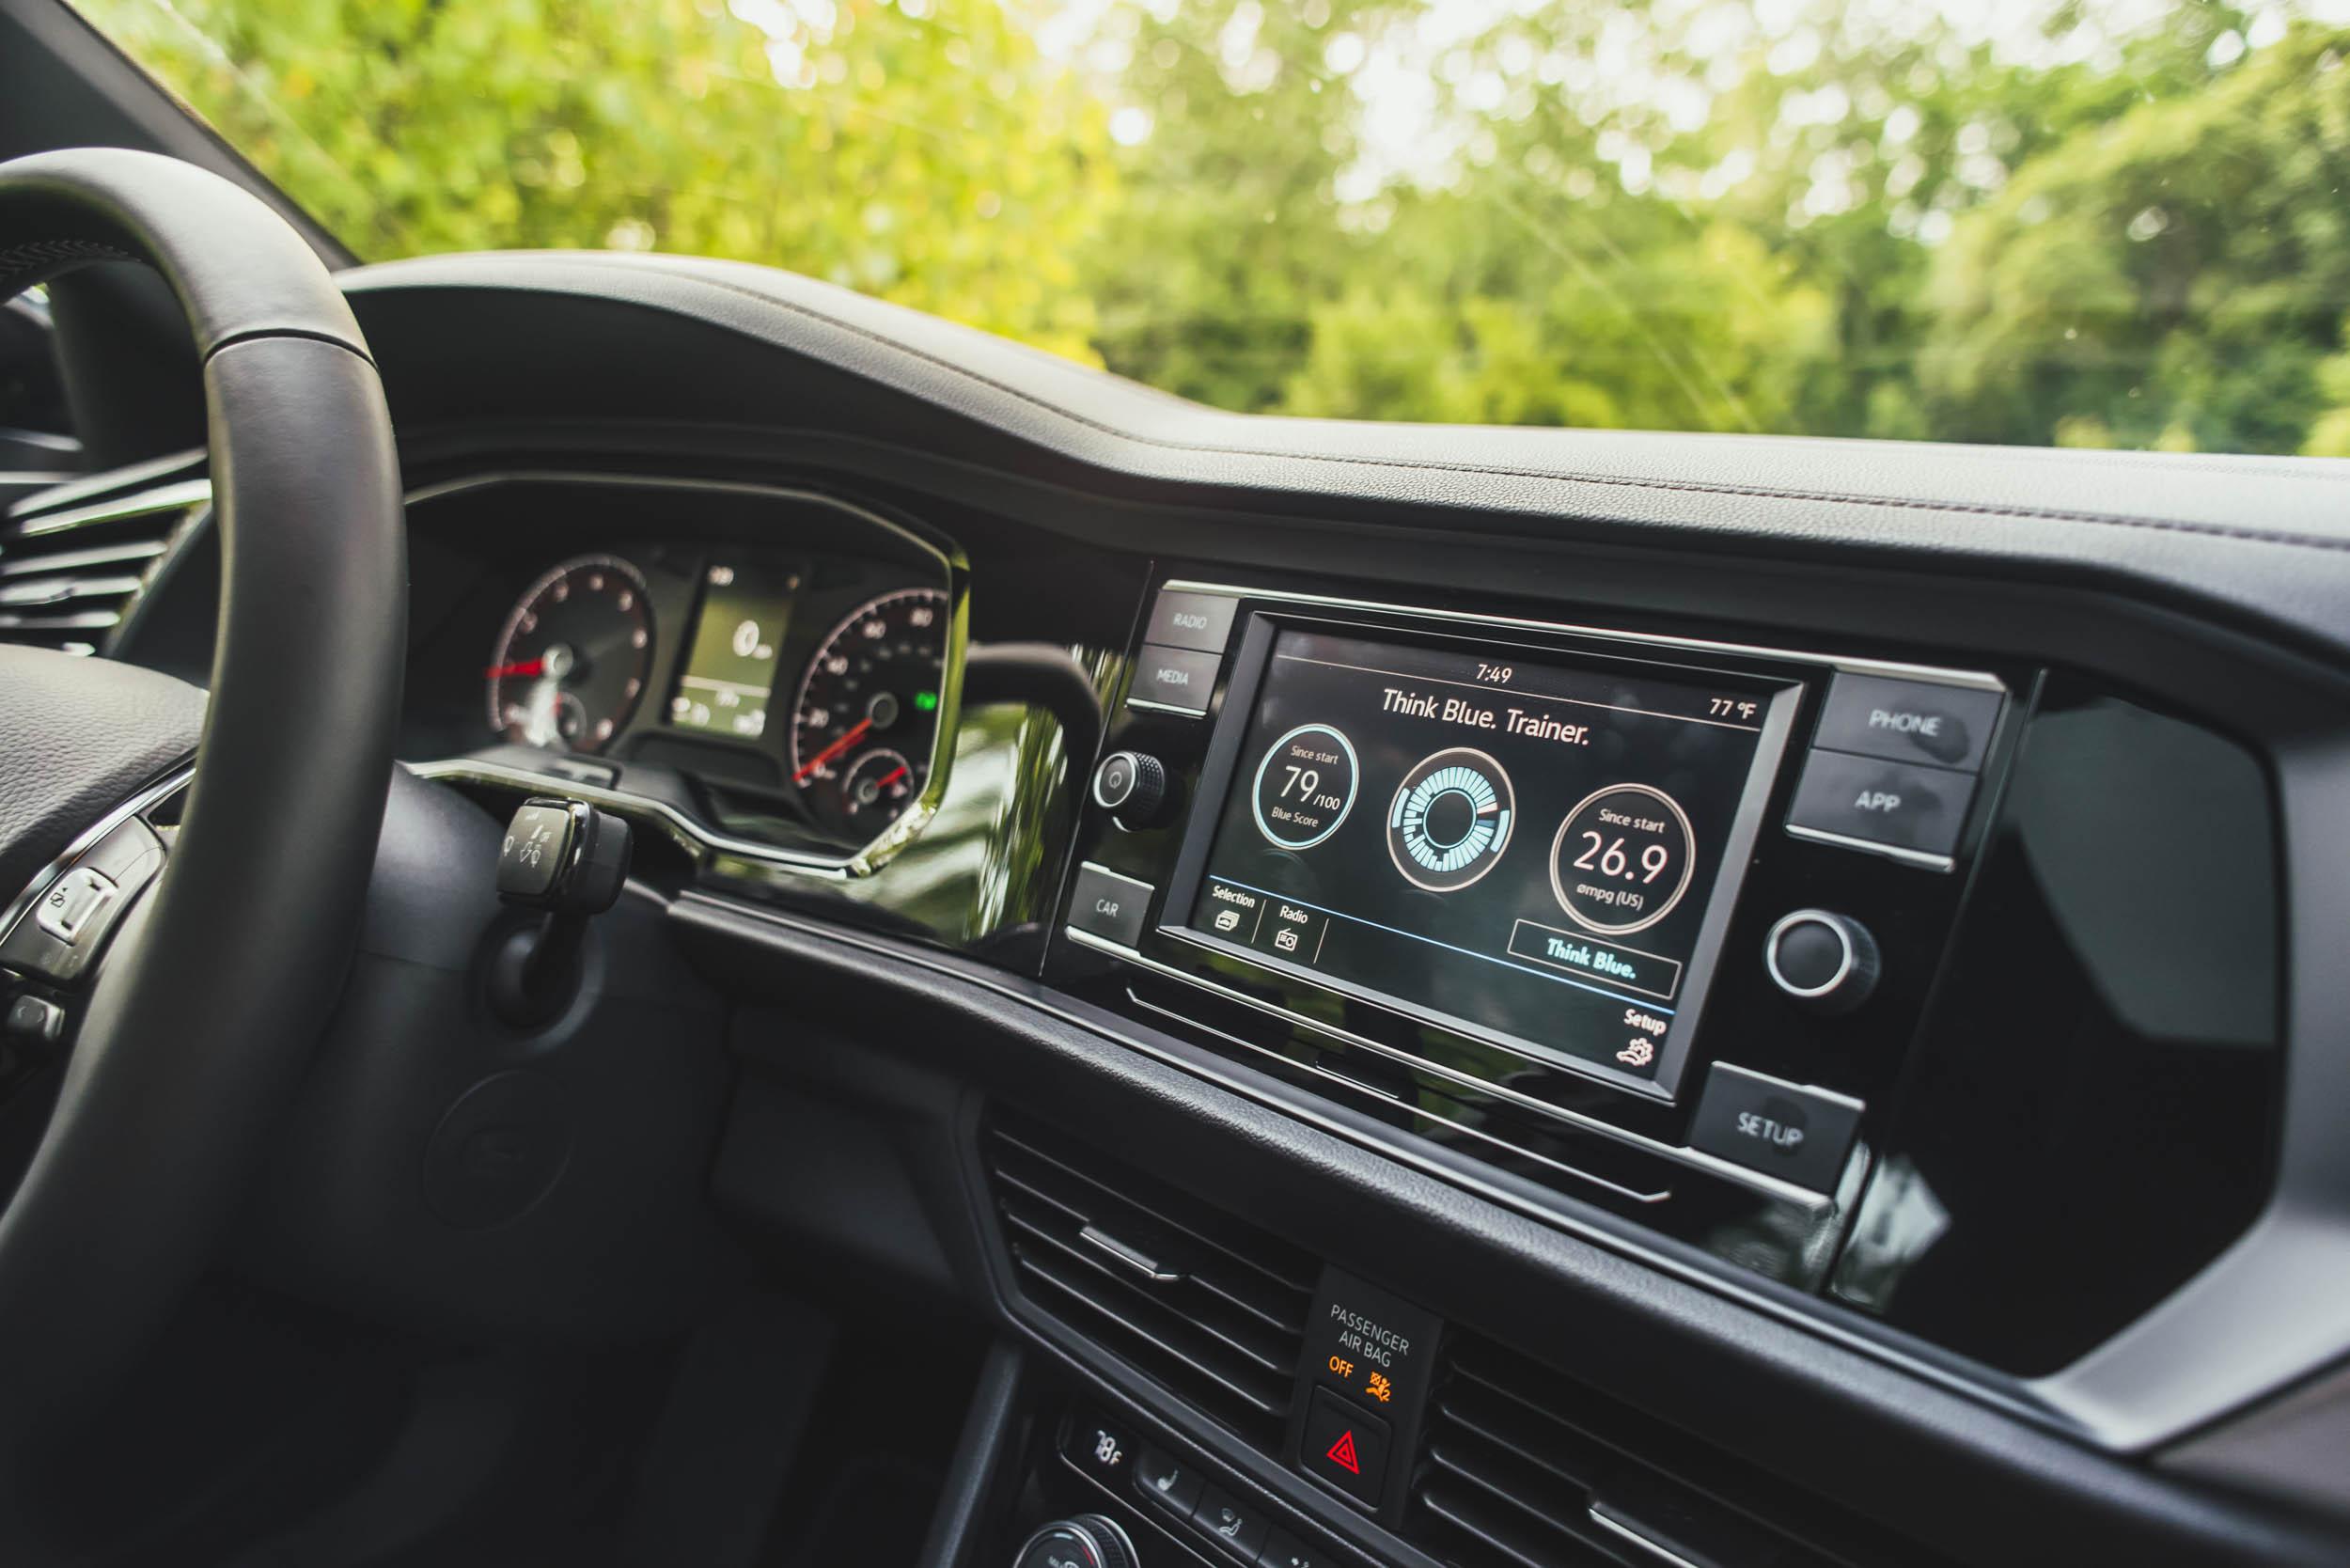 volkswagen jetta r-line dashboard